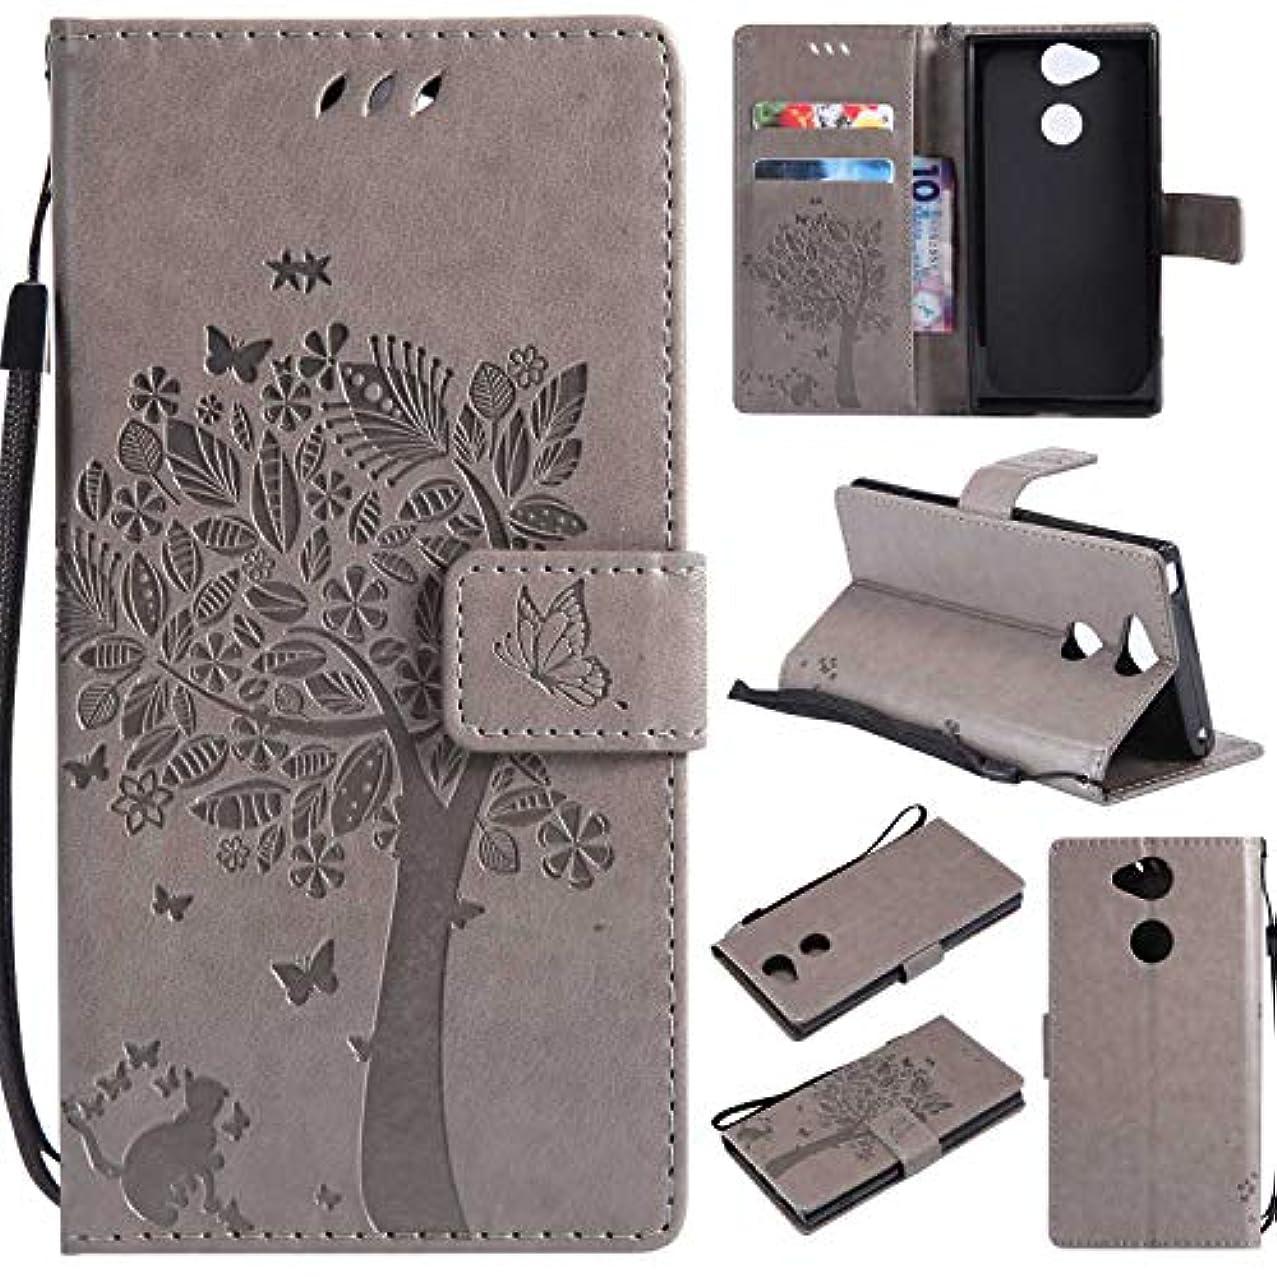 操作見る人バーマドOMATENTI Sony Xperia XA2 ケース 手帳型ケース ウォレット型 カード収納 ストラップ付き 高級感PUレザー 押し花木柄 落下防止 財布型 カバー Sony Xperia XA2 用 Case Cover, グレー